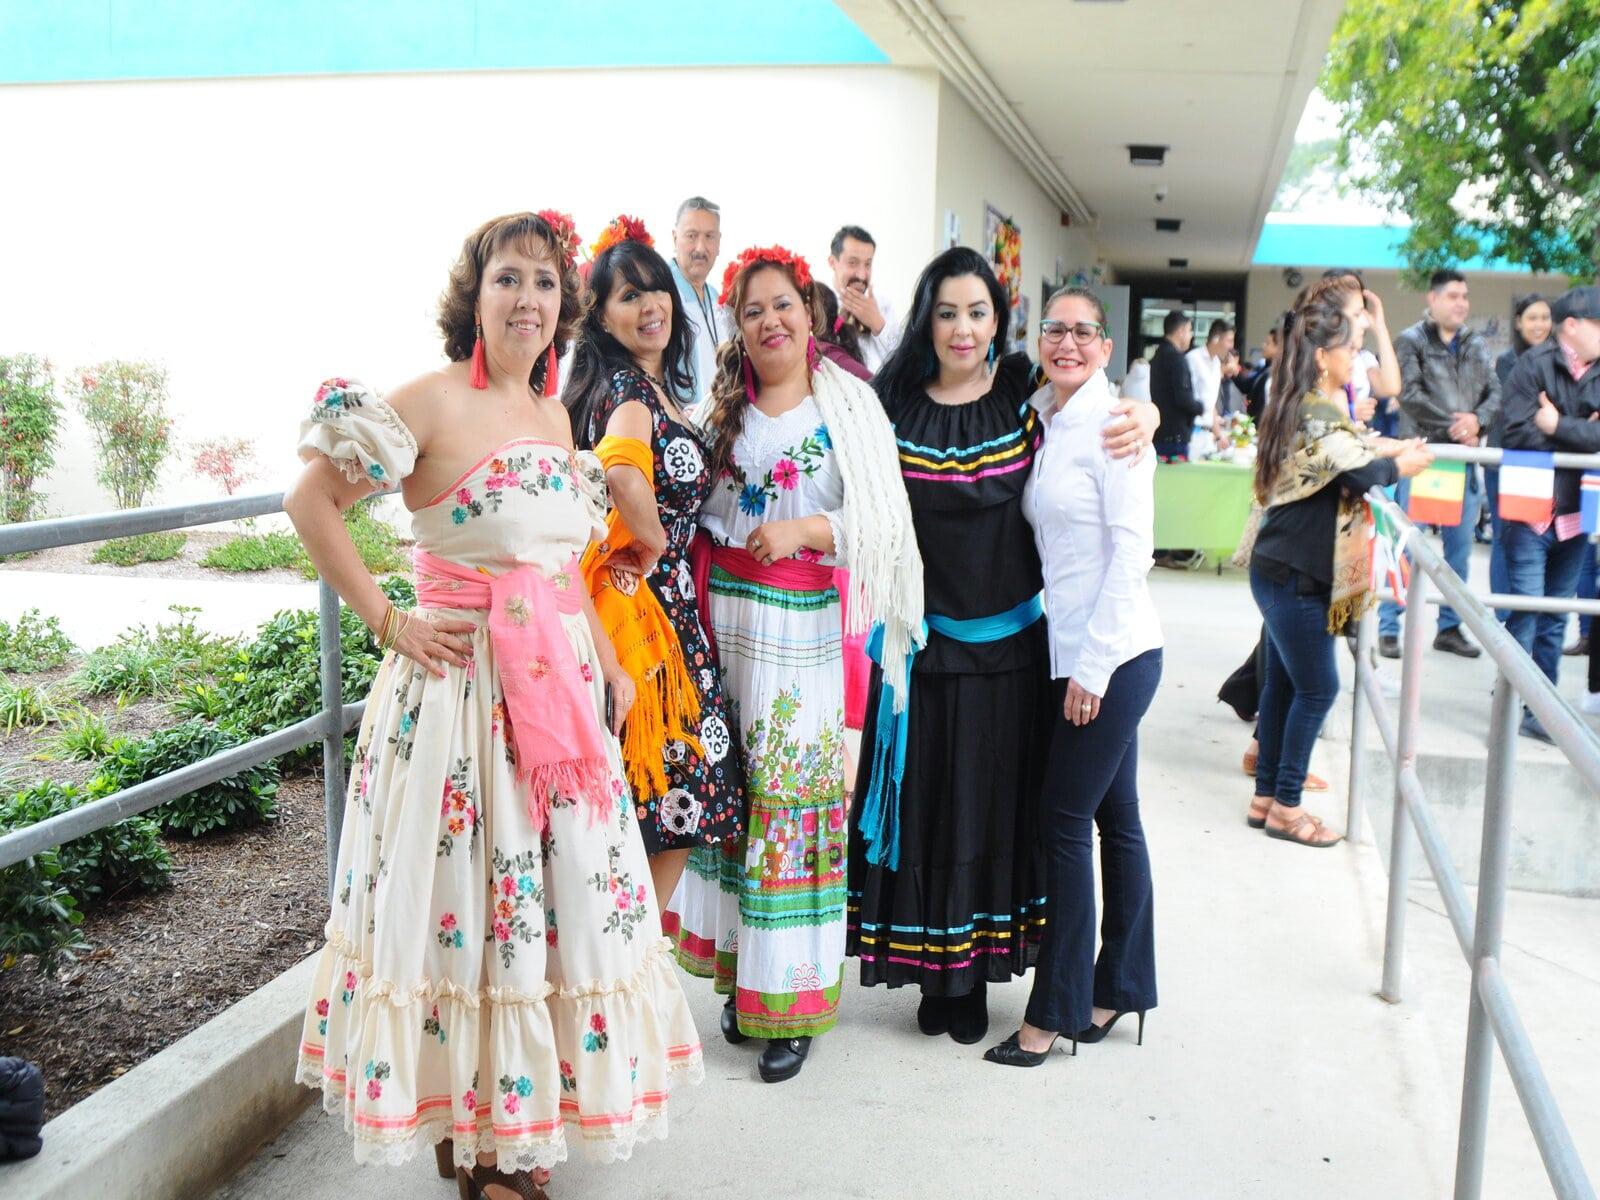 ESL students pose together